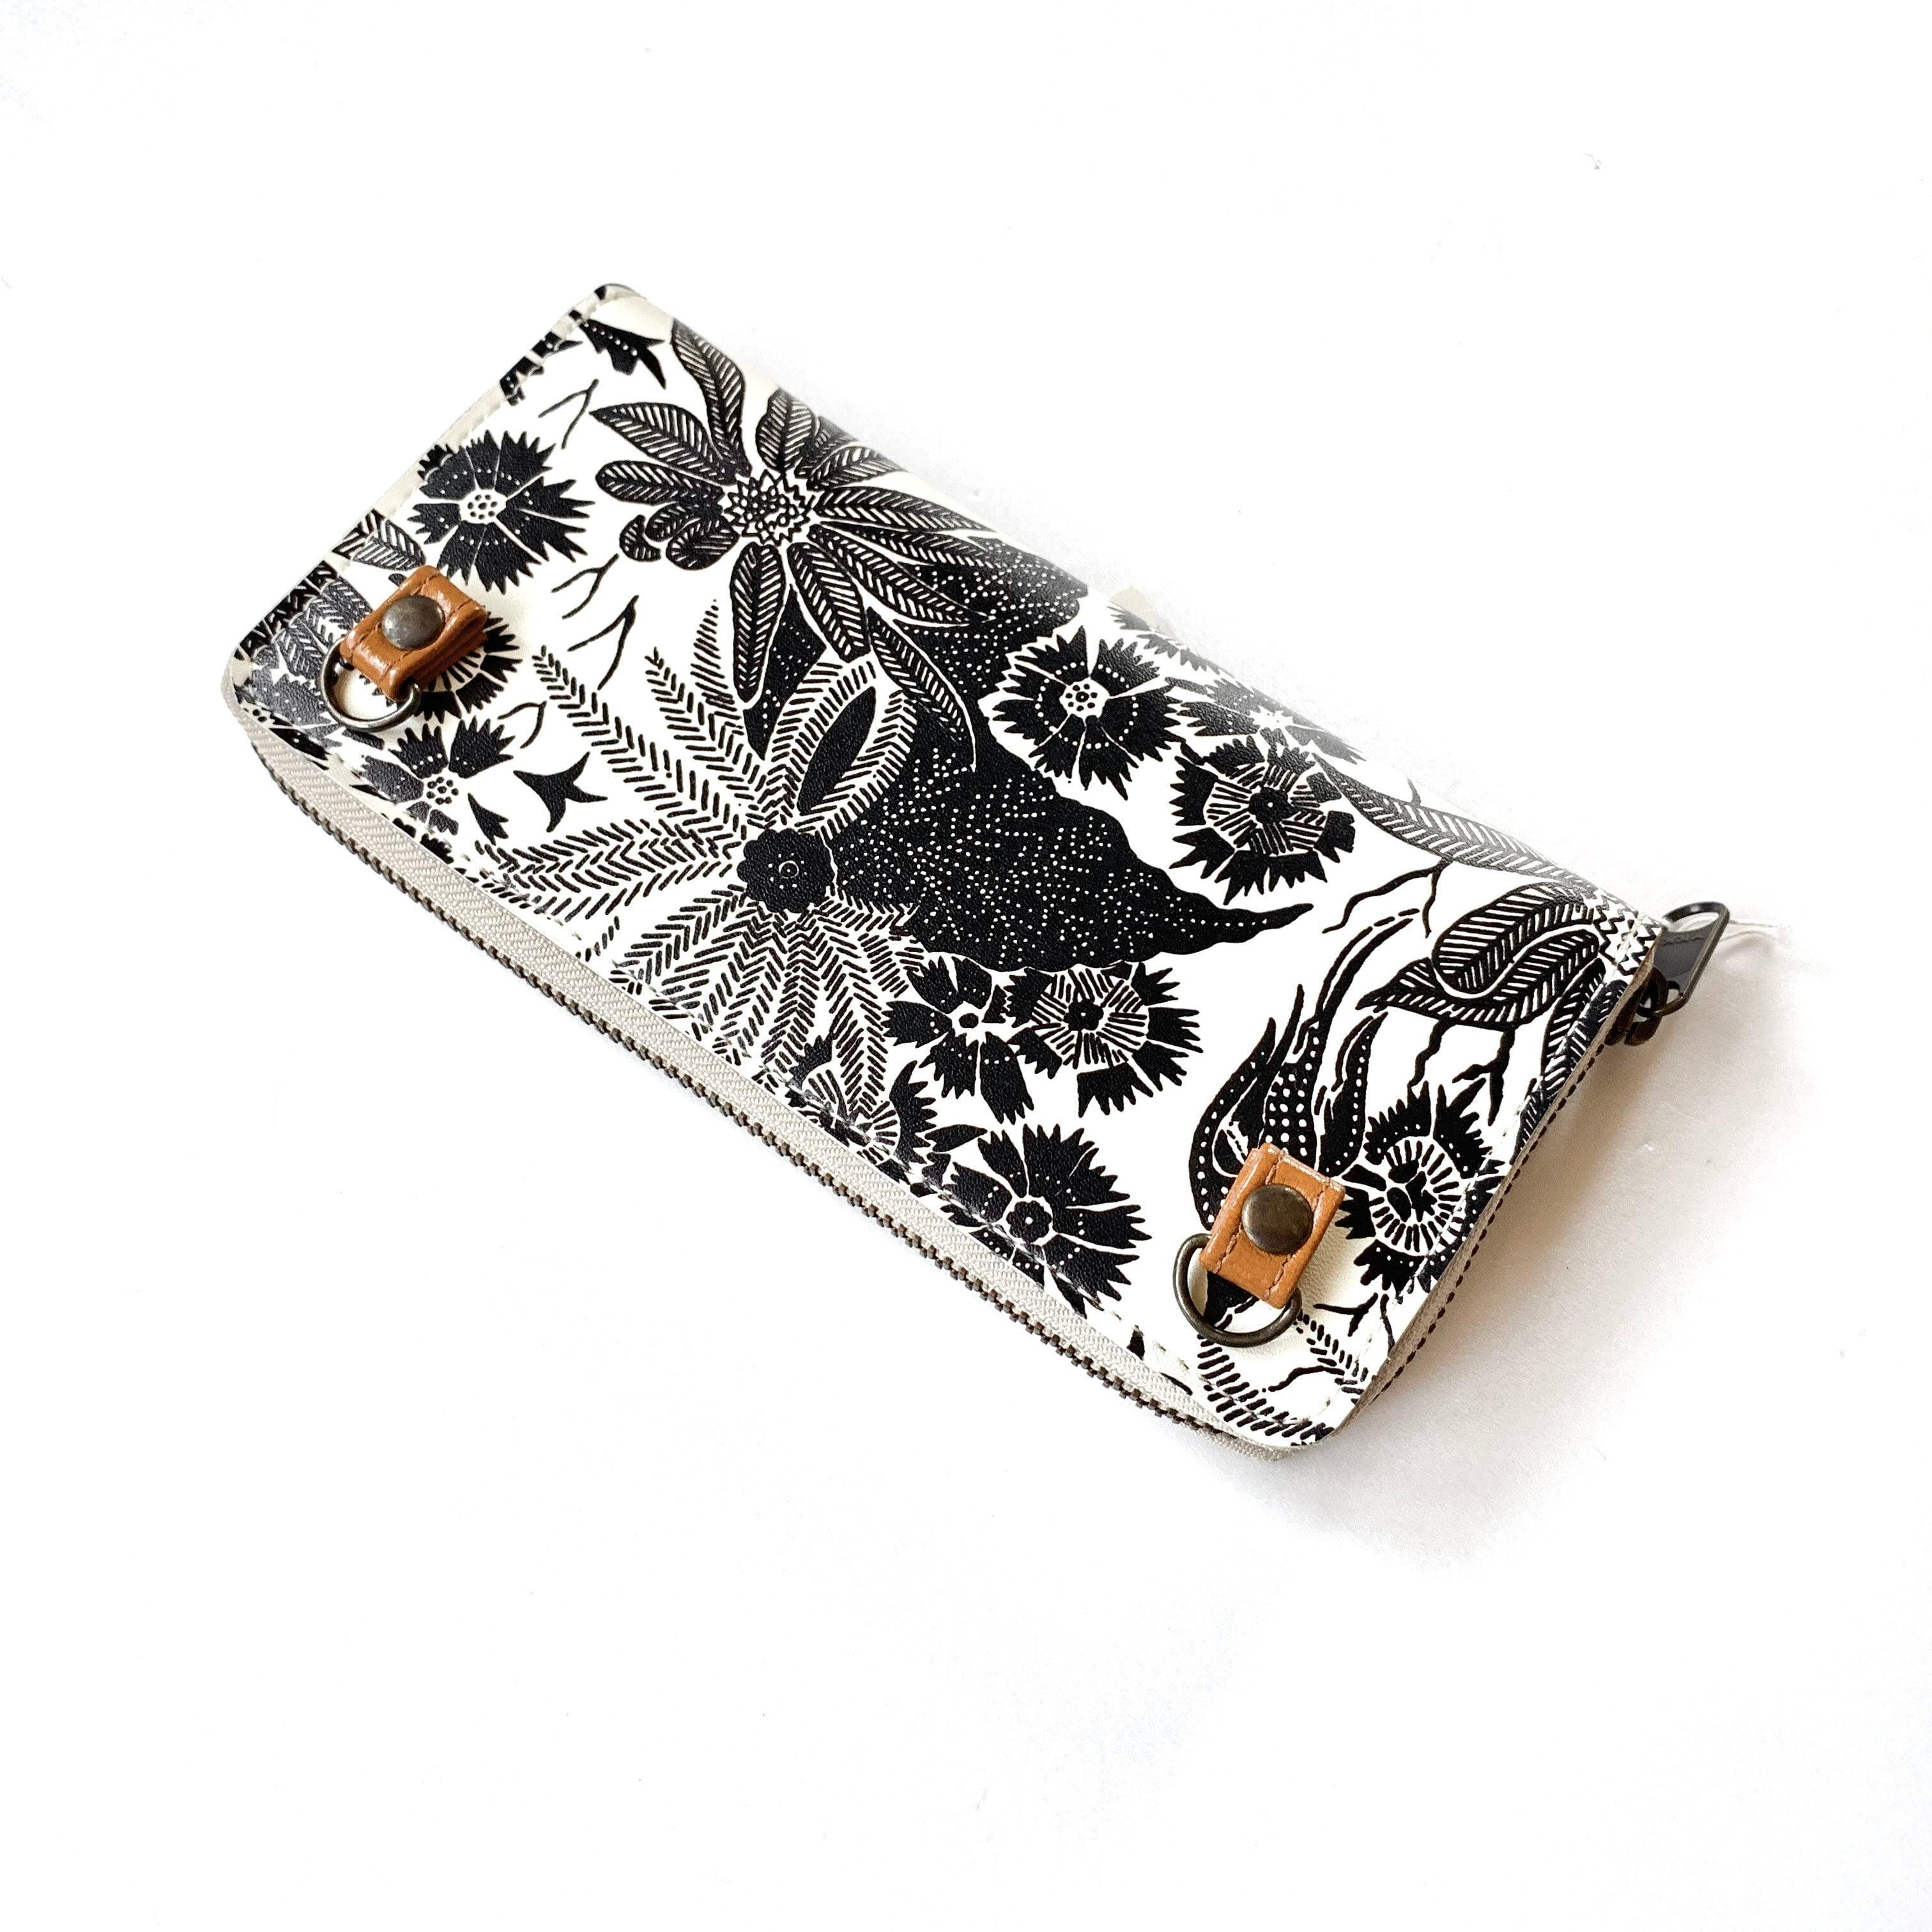 【ハシモト産業 x pink india】欧デザイン ストラップホルダー付牛革ラウンド財布   paradise black